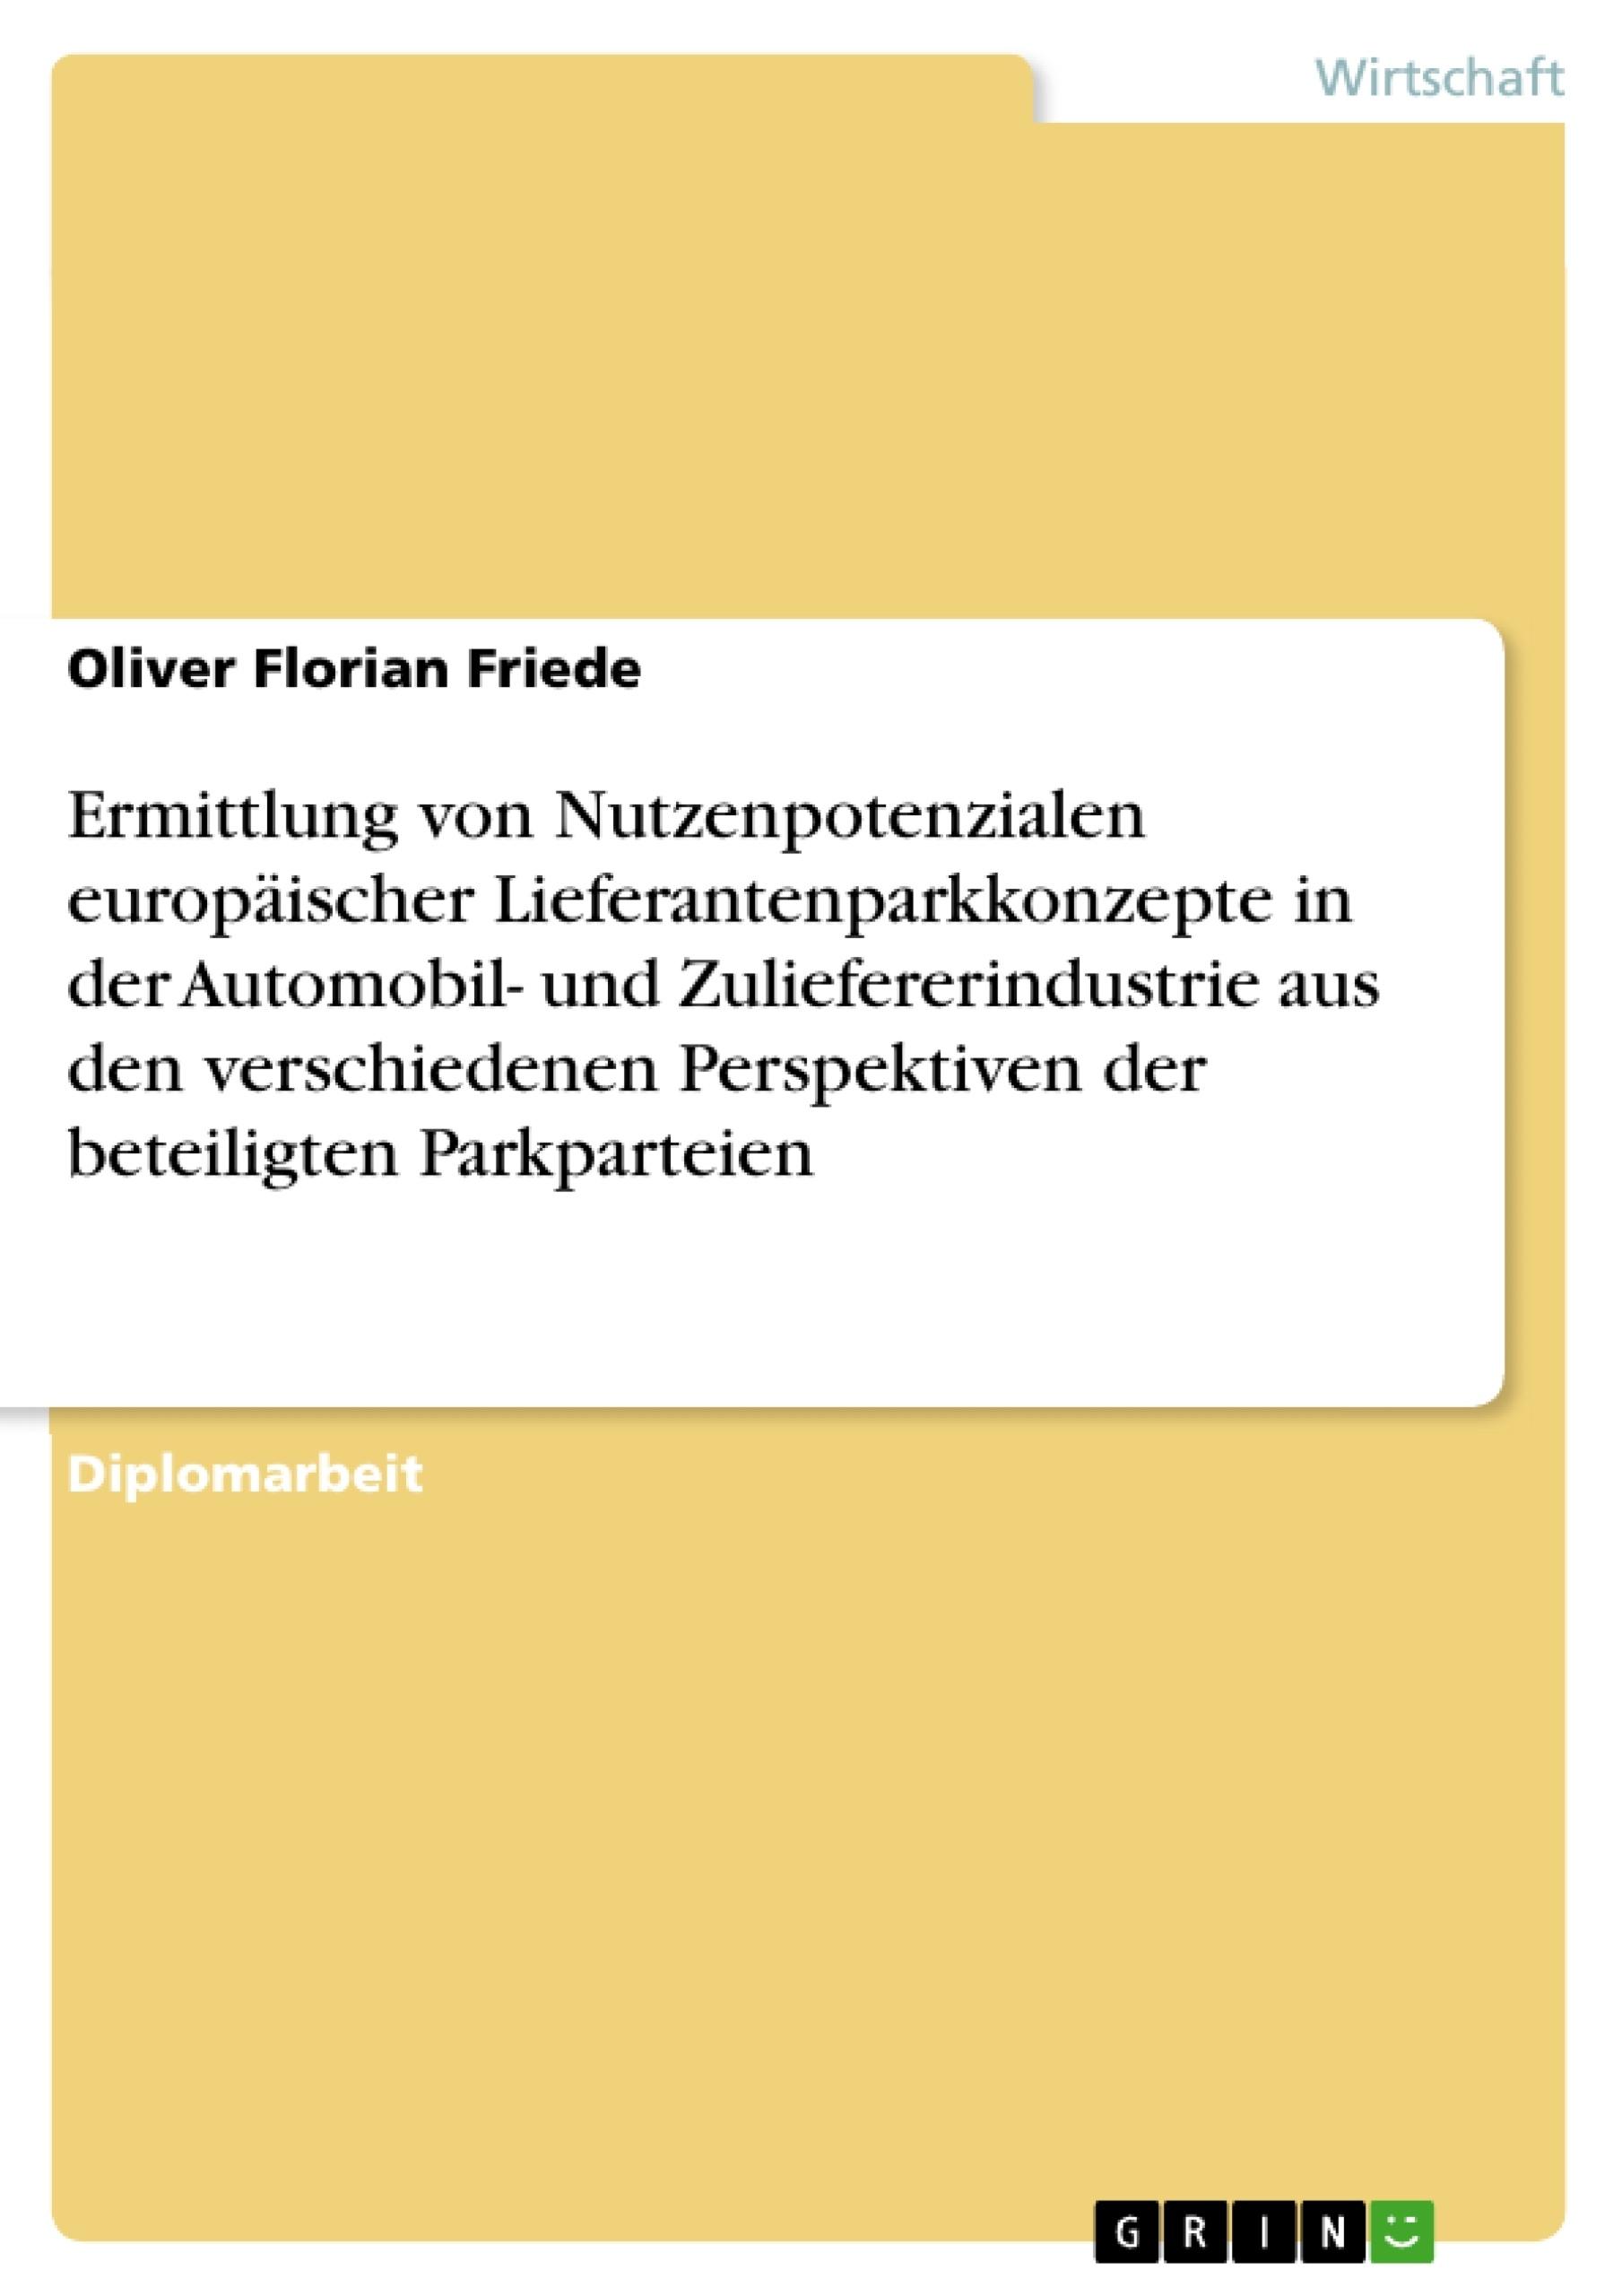 Titel: Ermittlung von Nutzenpotenzialen europäischer Lieferantenparkkonzepte in der Automobil- und Zuliefererindustrie aus den verschiedenen Perspektiven der beteiligten Parkparteien